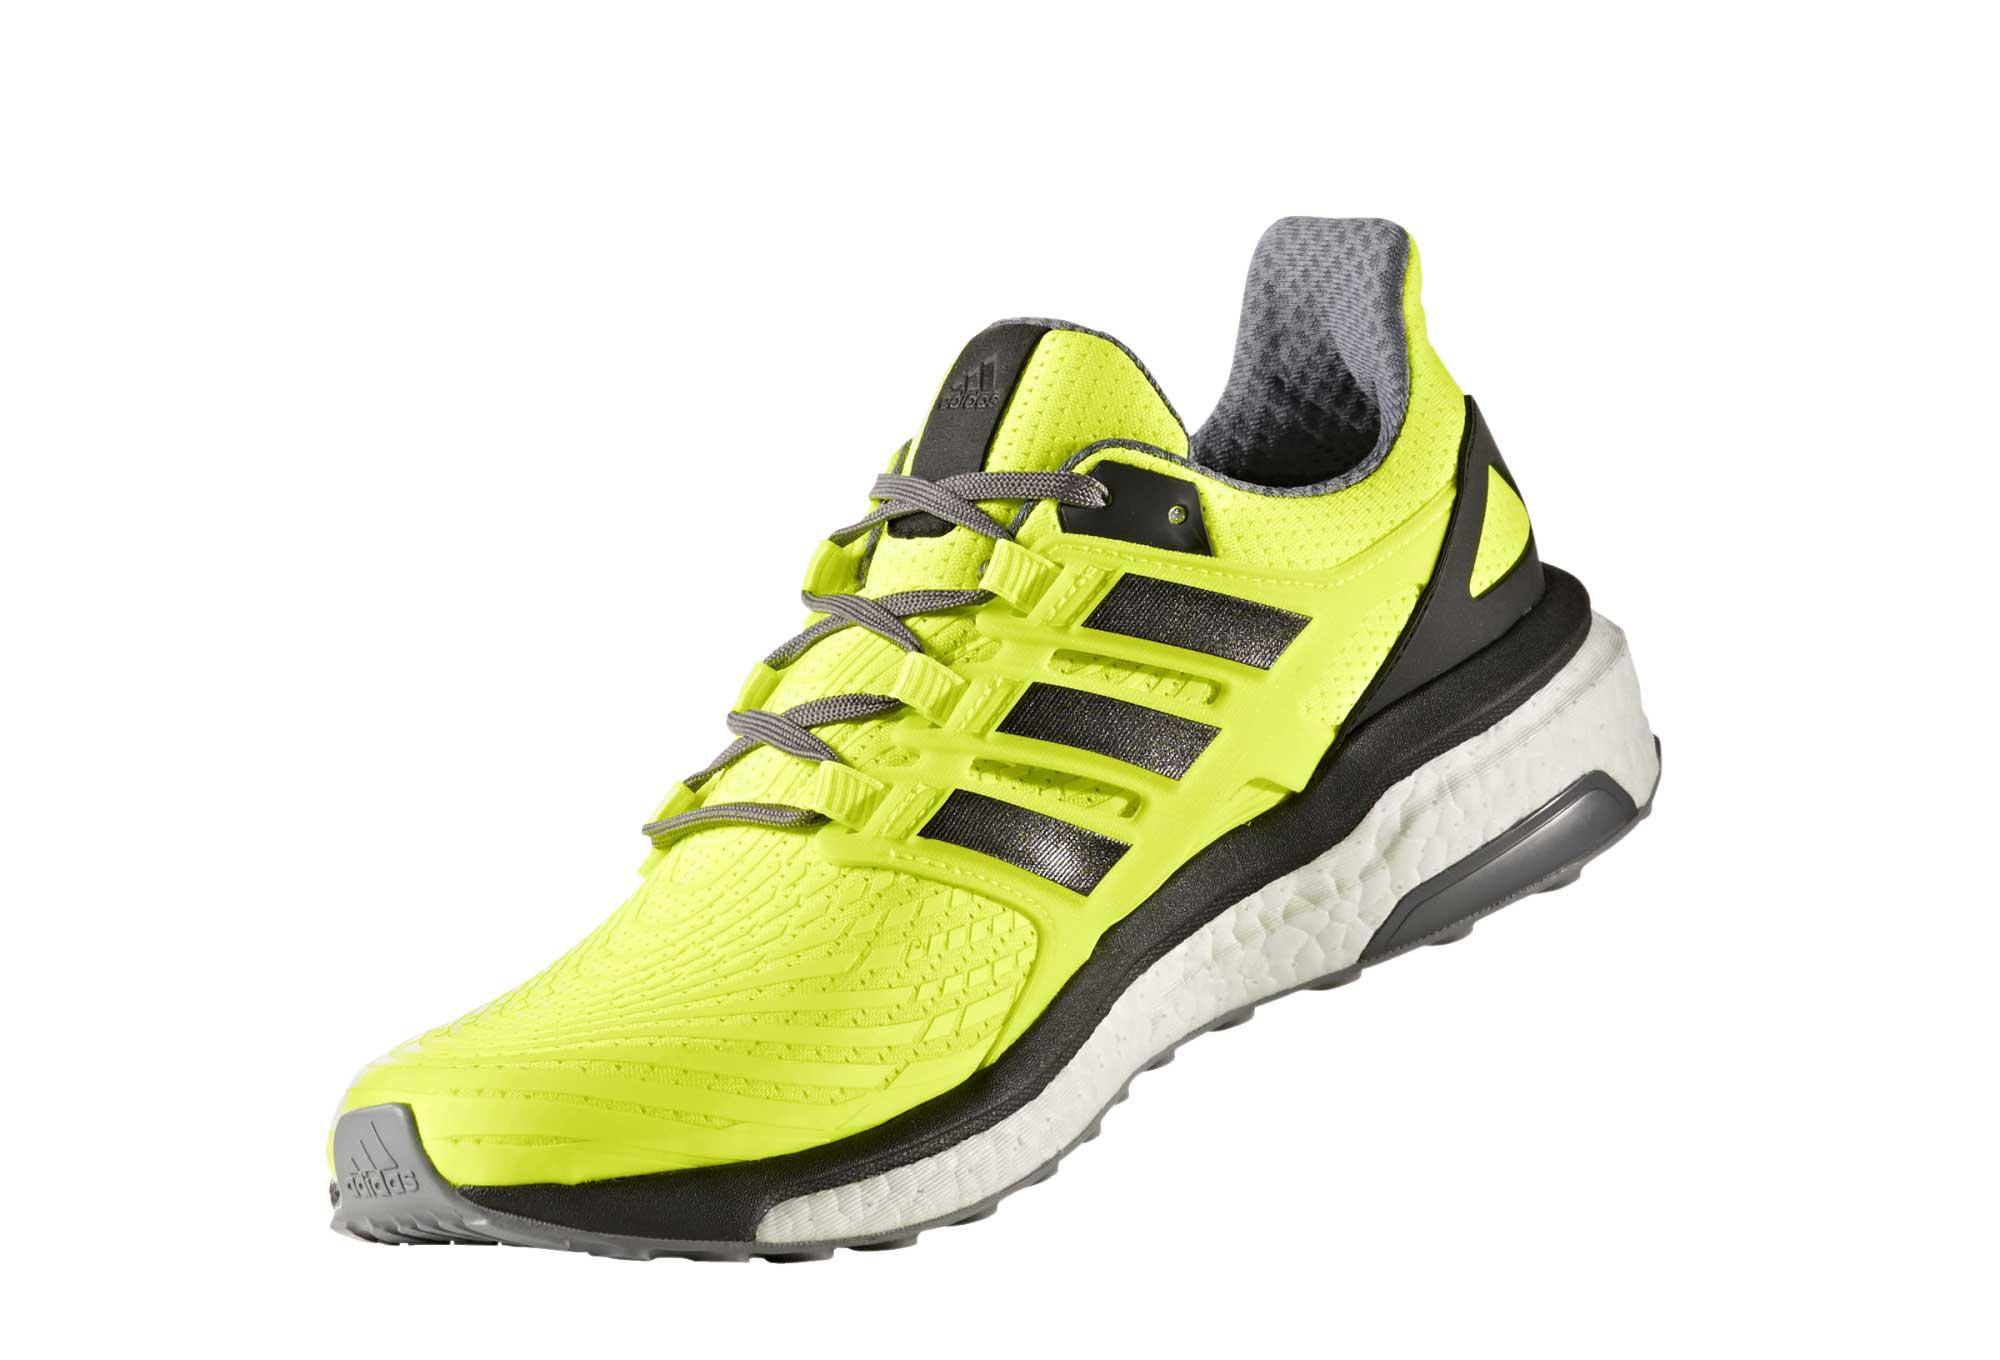 Drop ideal chaussure running